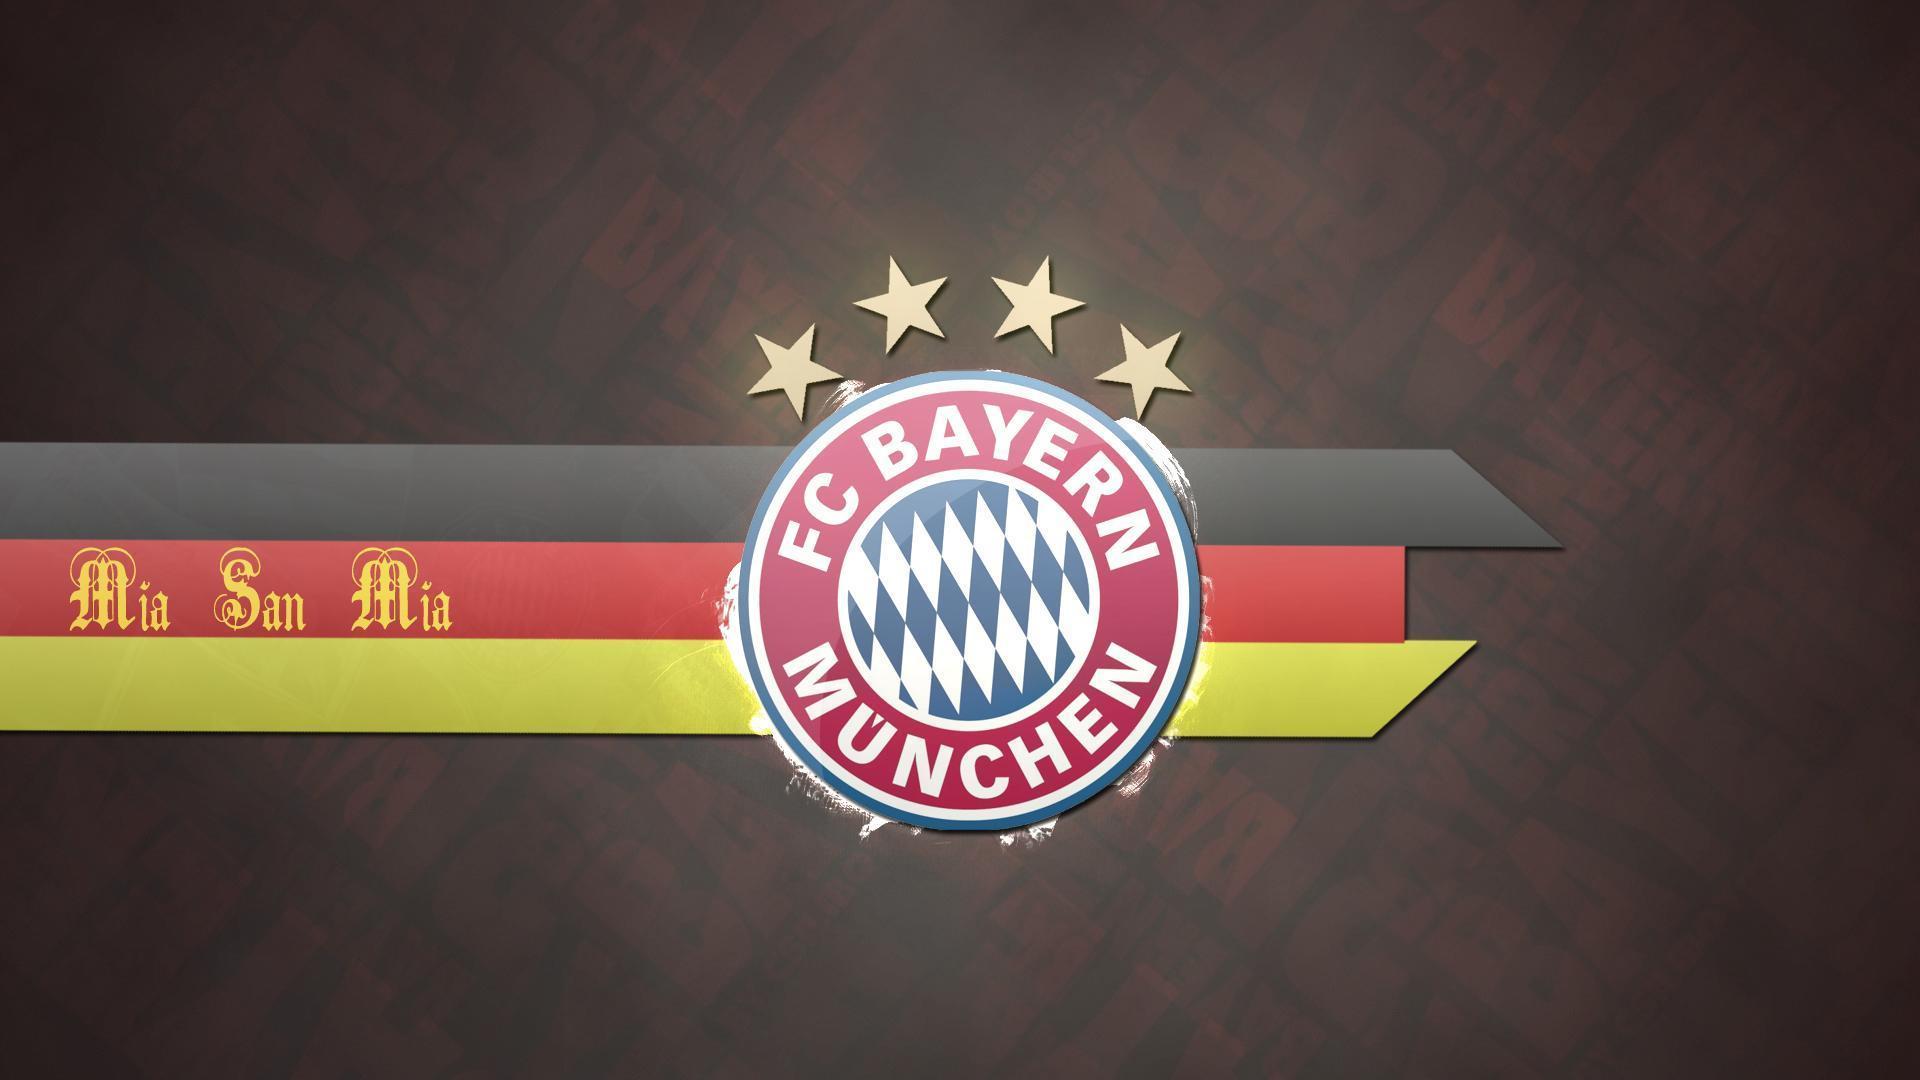 FC Bayern Munich Windows 8.1 Theme and Wallpapers   Windows 8.1 ...